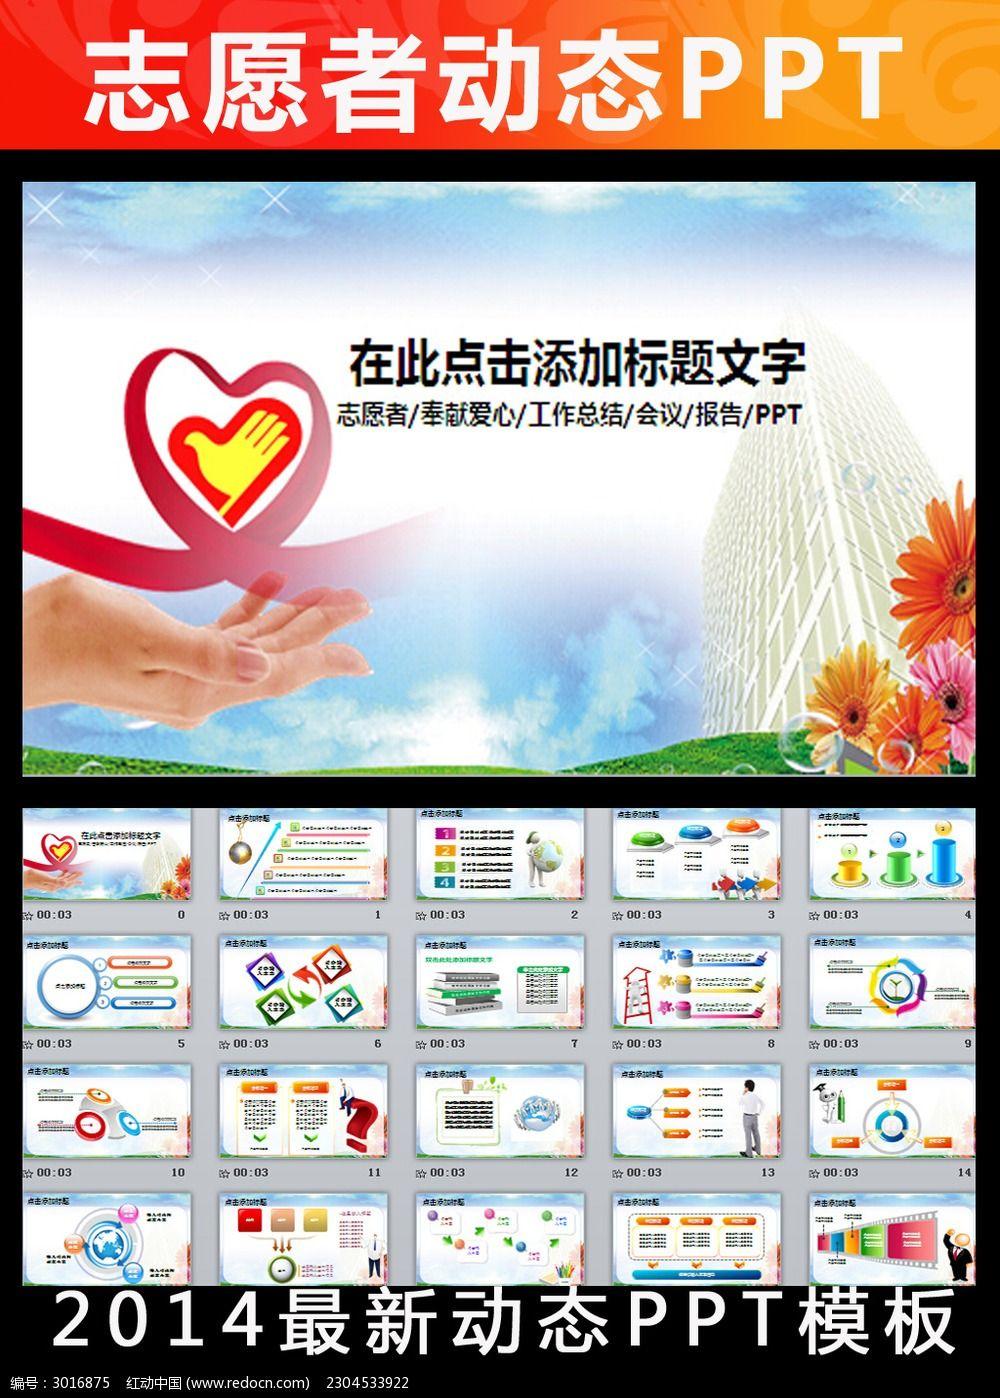 标签:志愿者团委青年支边支教奉献爱心PPT模板模板下载 志愿者团委